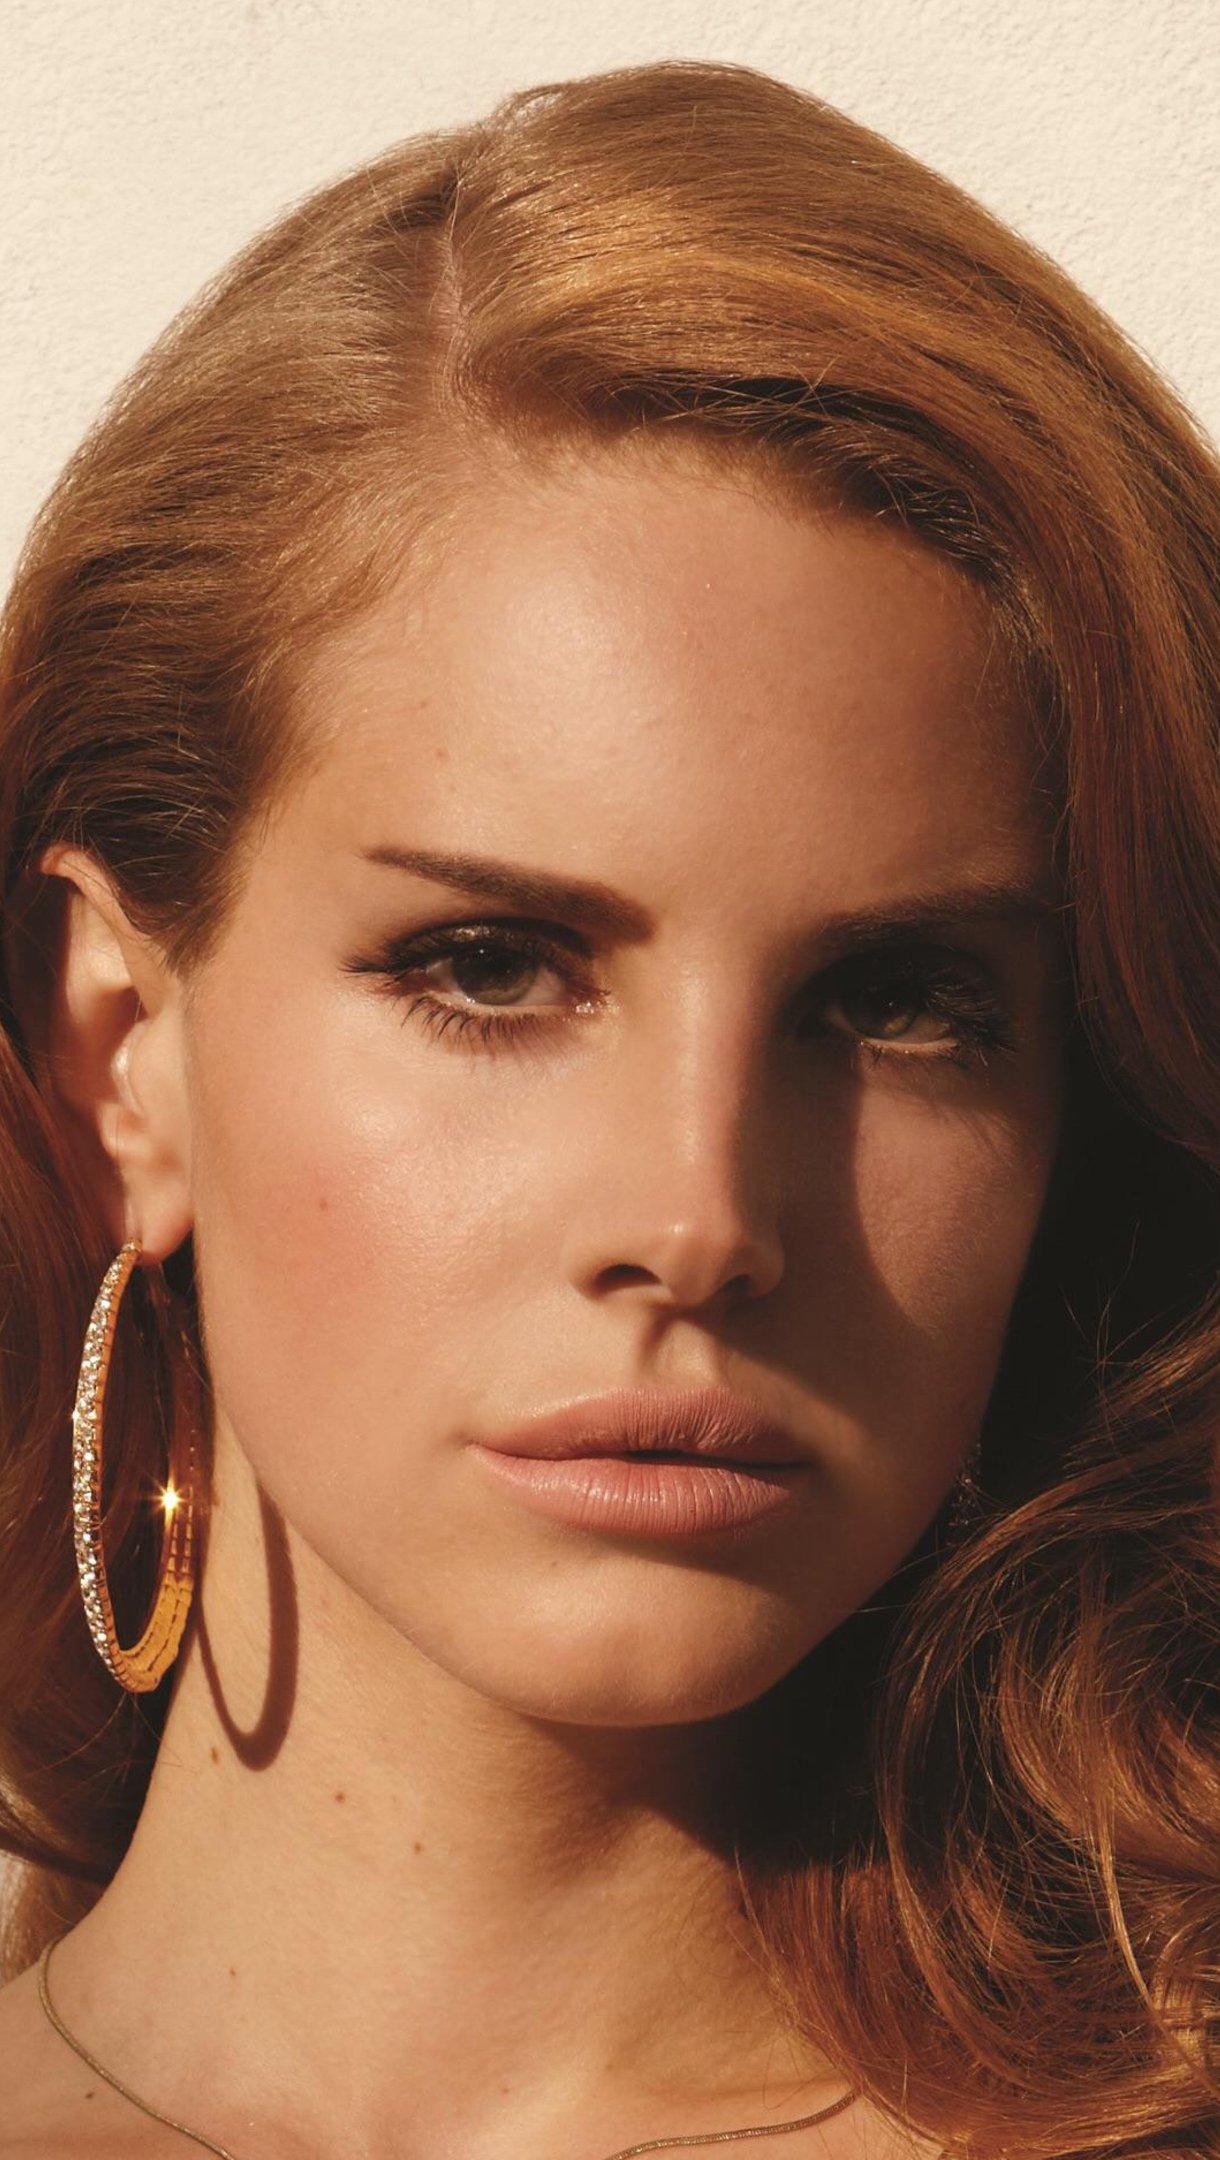 Wallpaper Lana del Rey in Complex Magazine Vertical